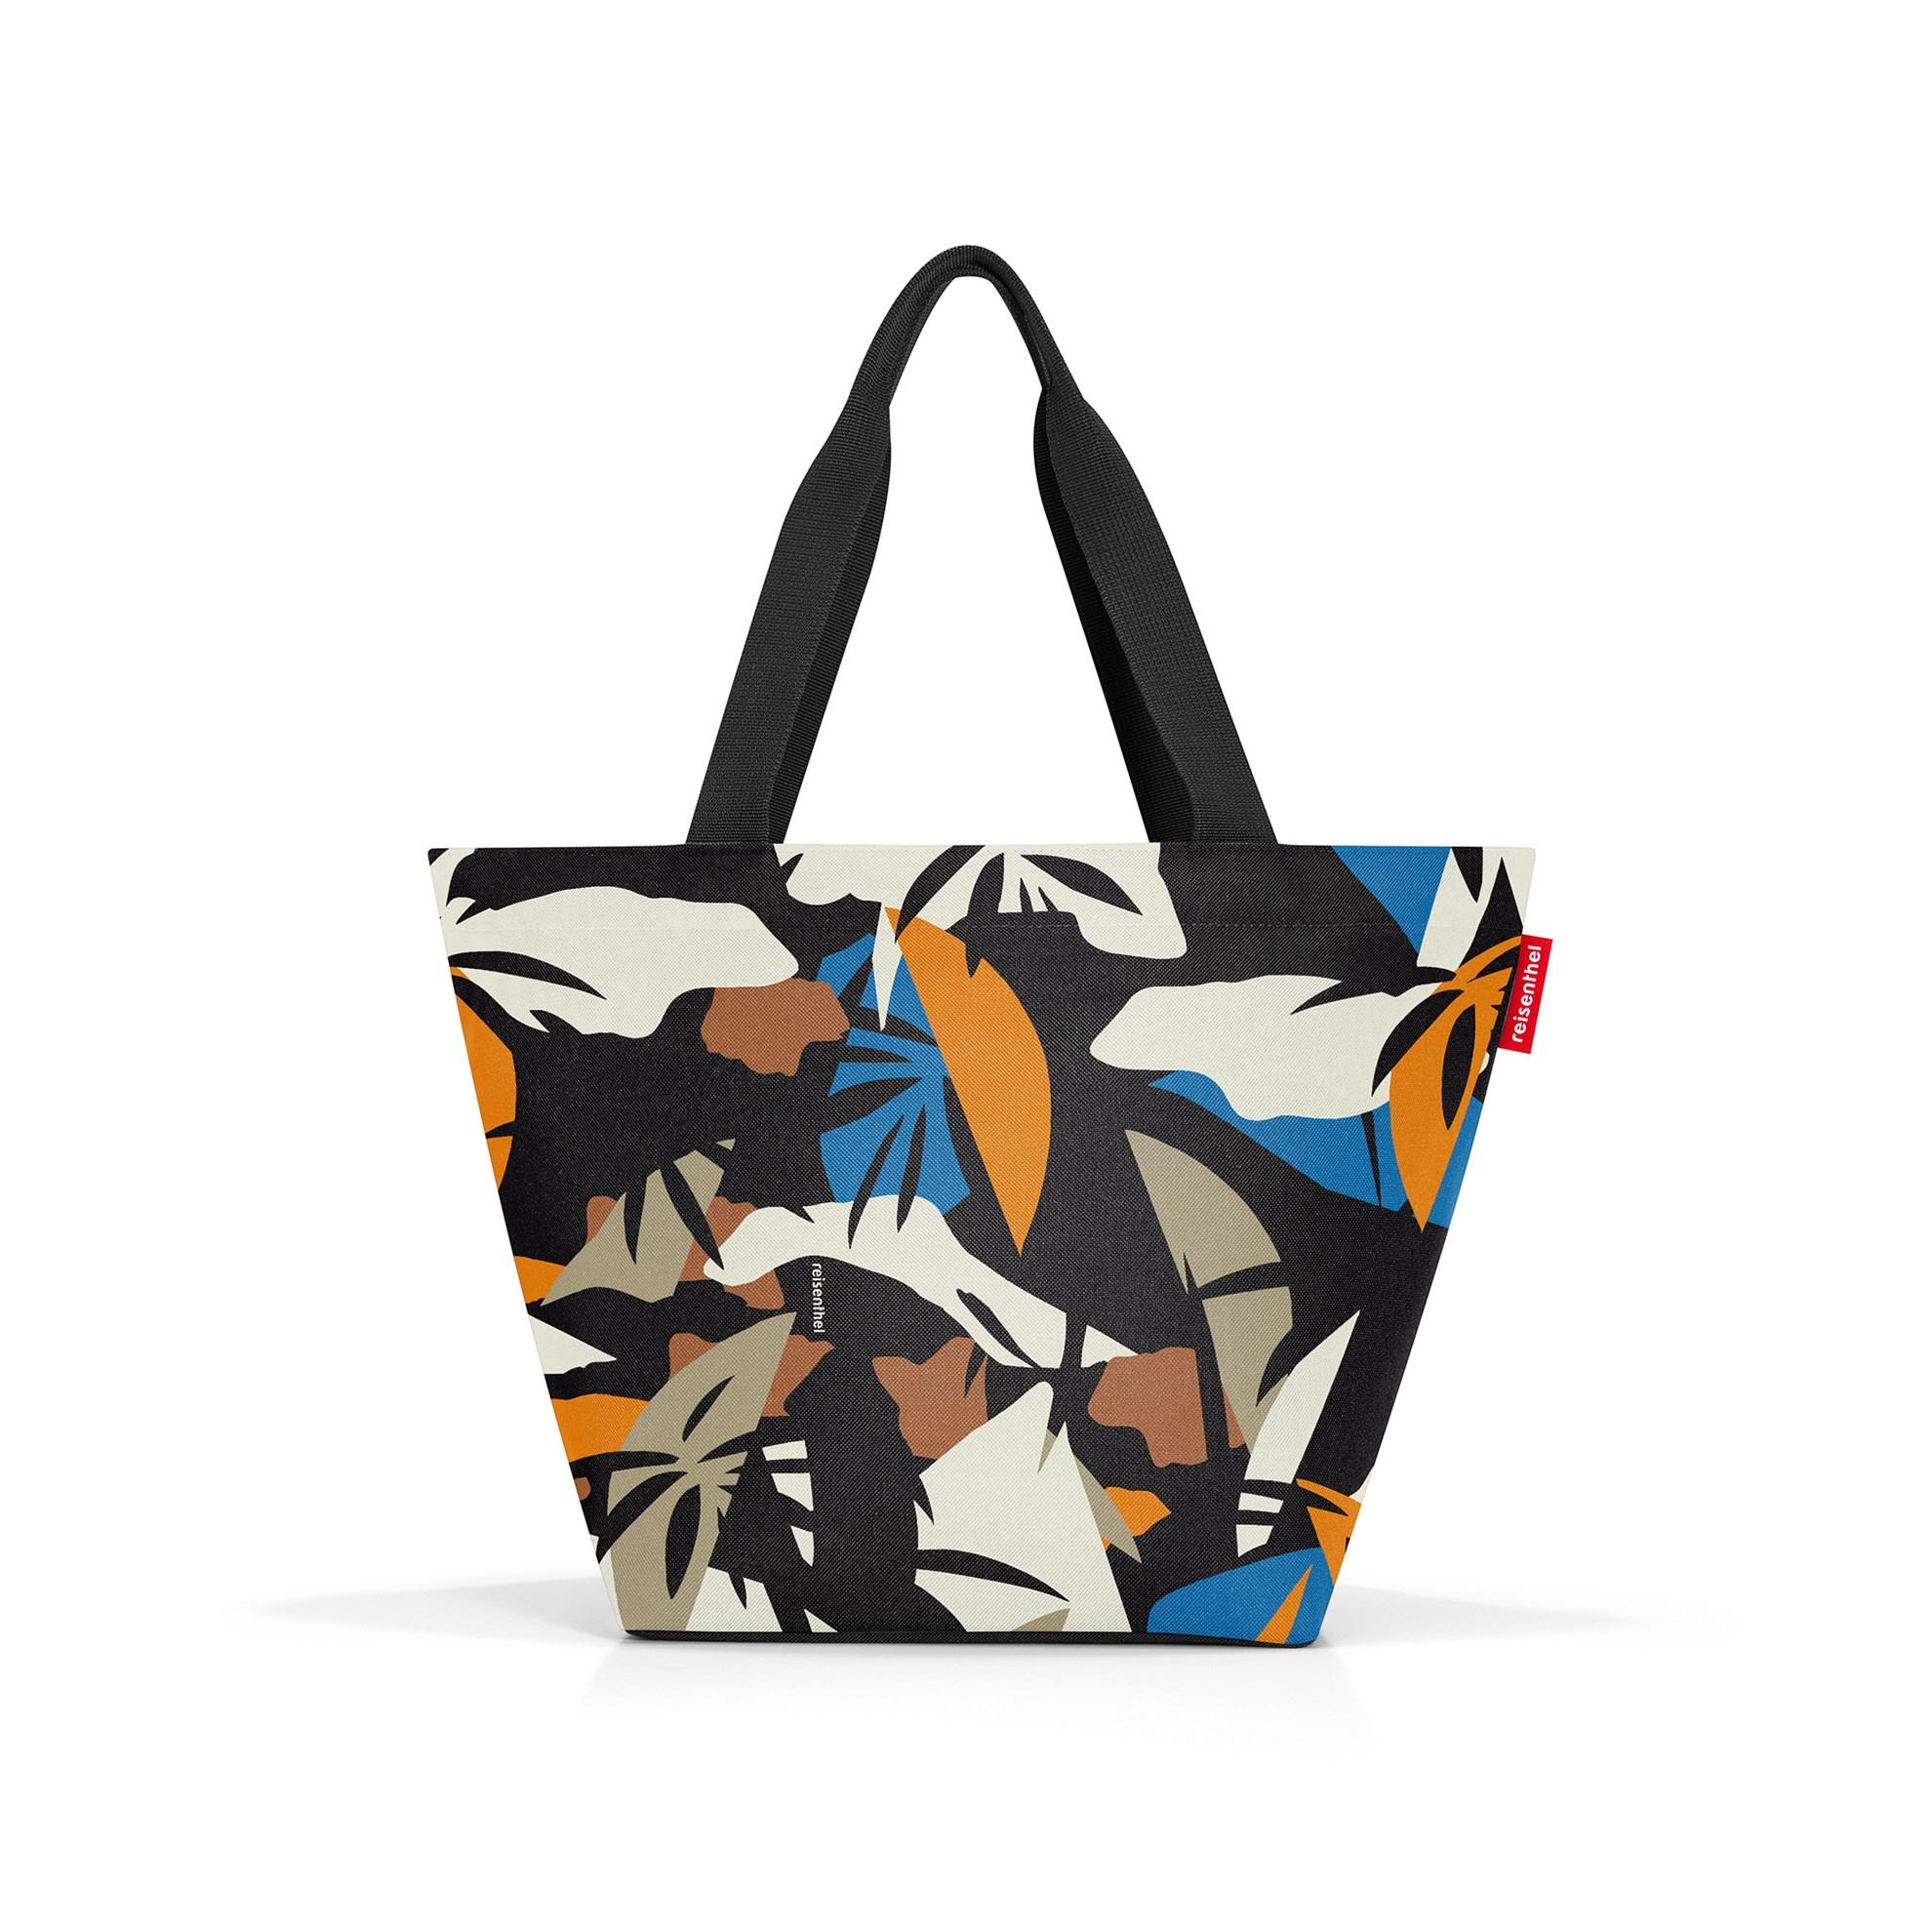 Nákupní taška Shopper M miami black_1